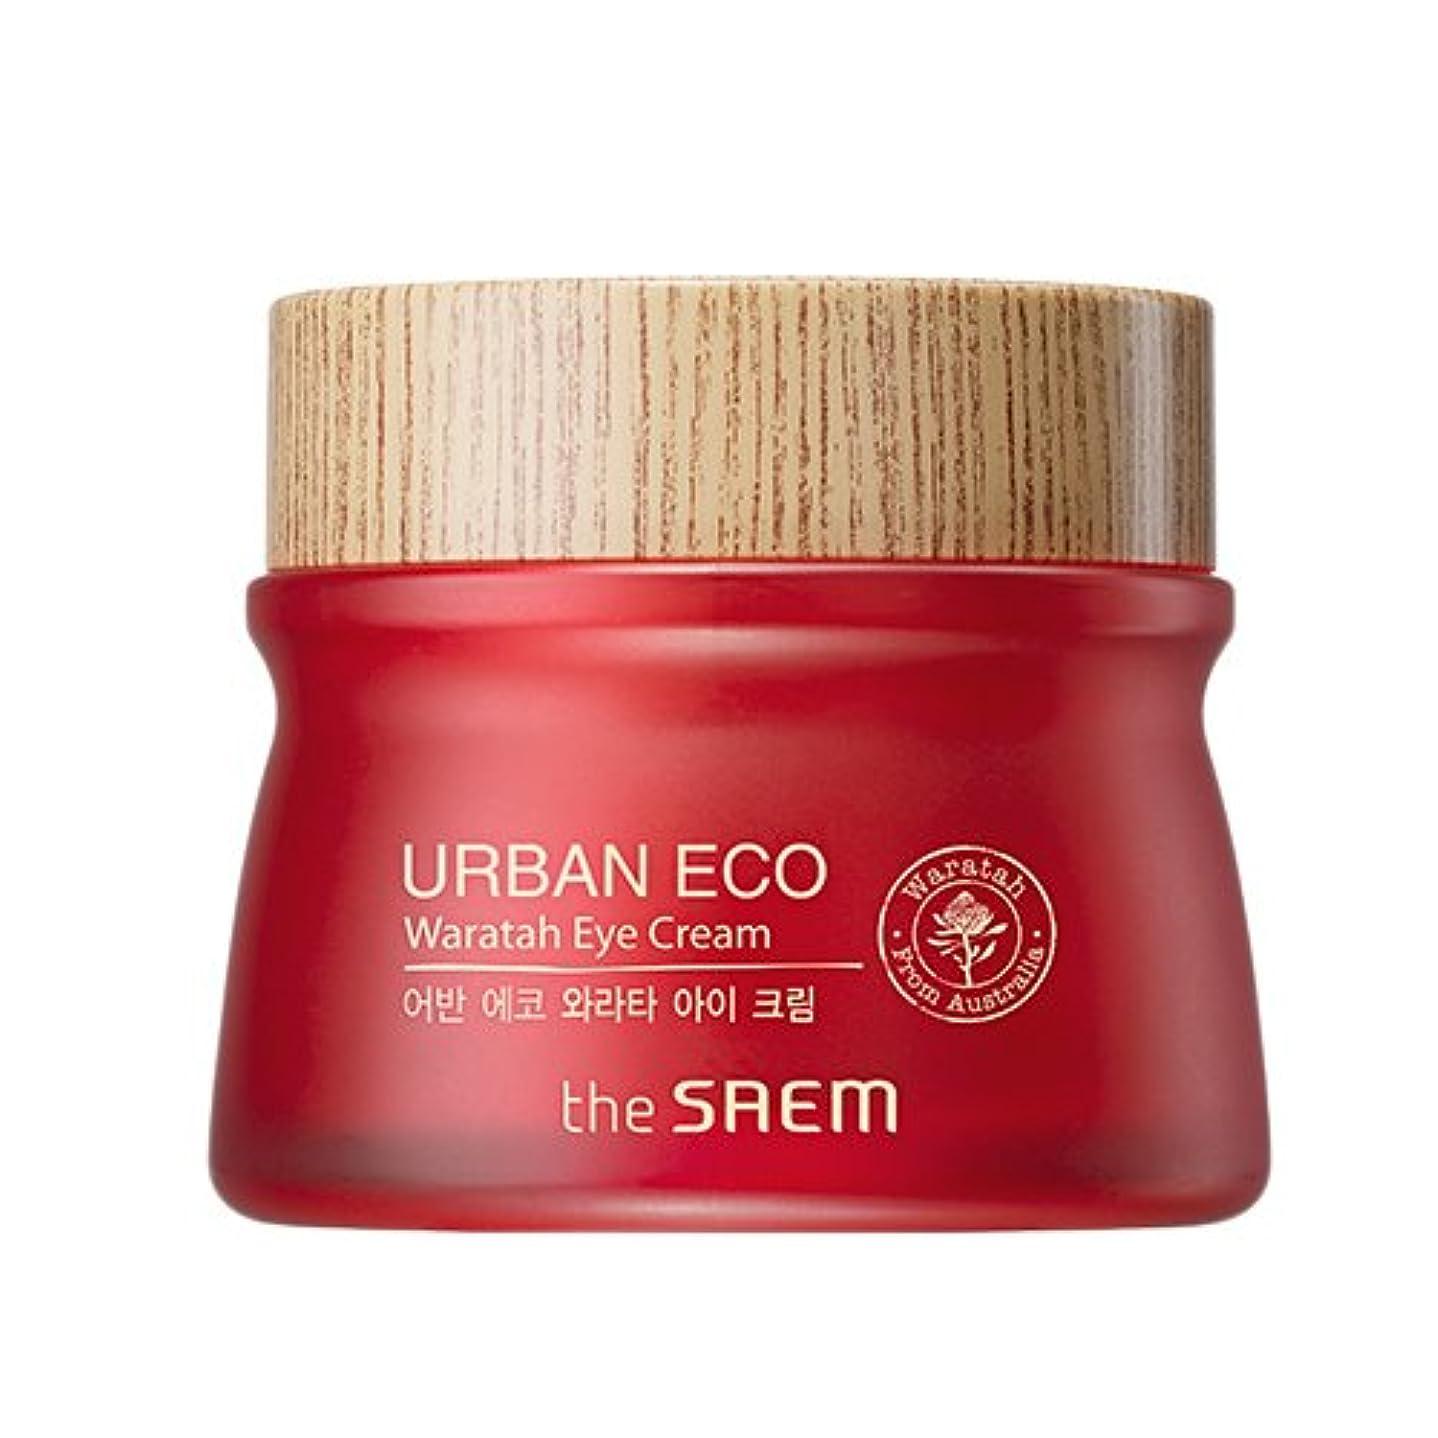 政府白雪姫延ばすドセム アーバンエコワラターアイクリーム 30ml Urban Eco Waratah Eye Cream [並行輸入品]